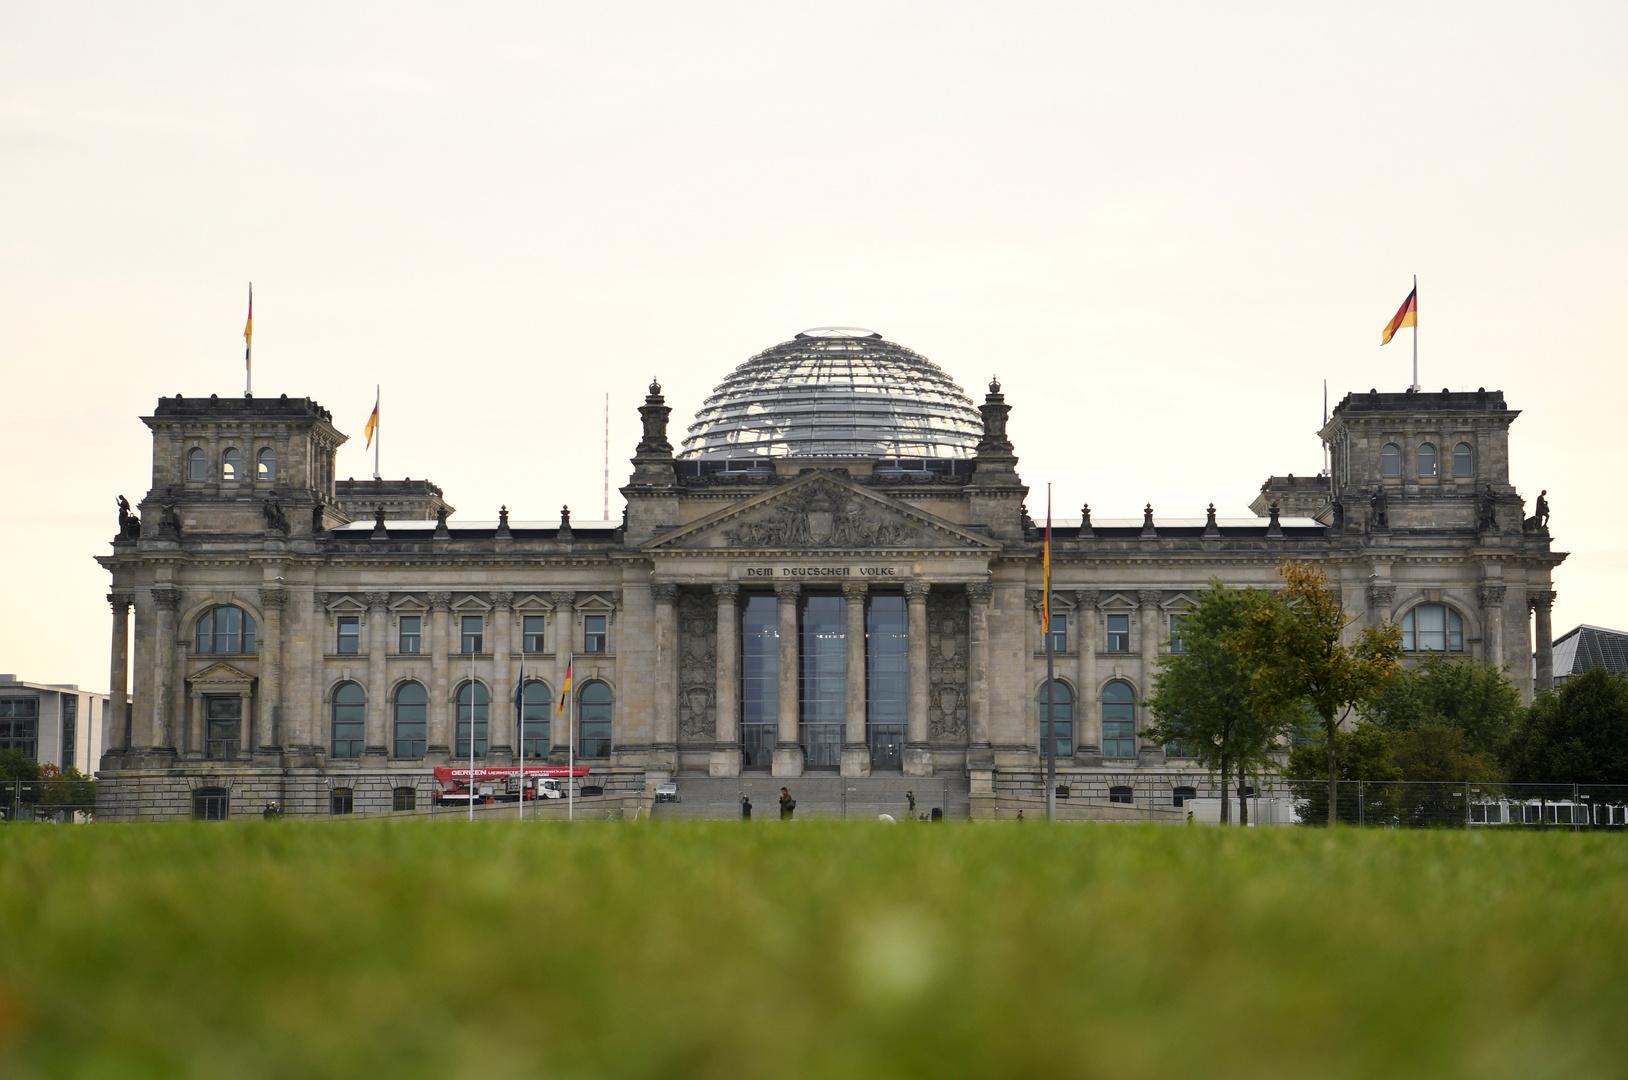 مبنى البرلمان الألماني في برلين